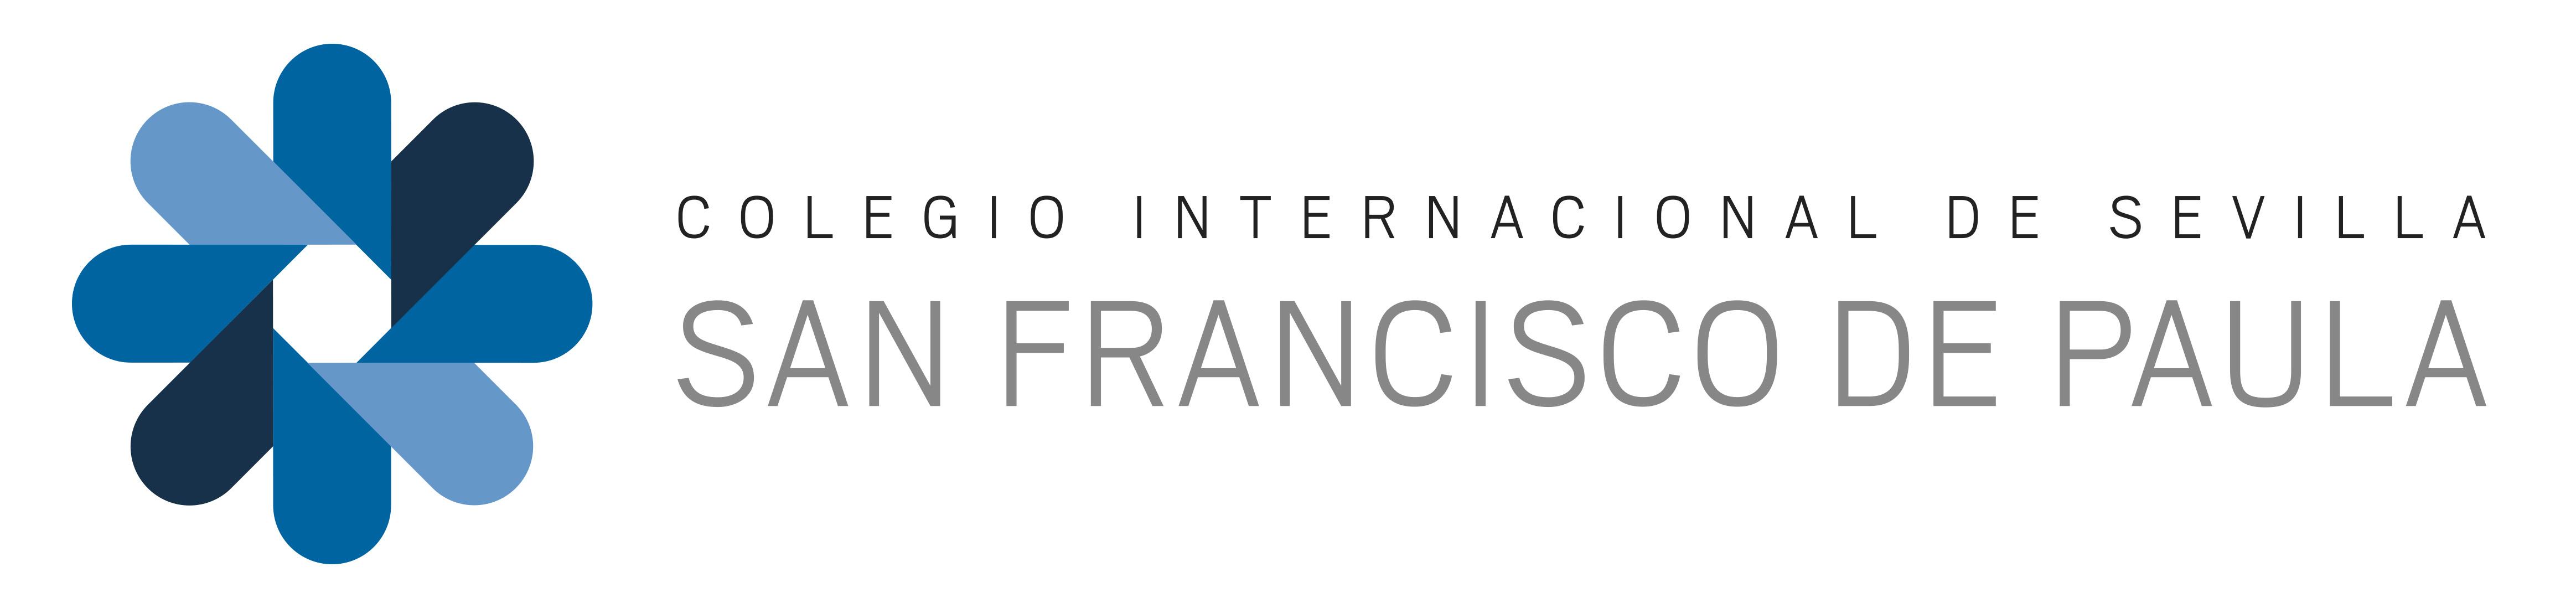 NOTA DE PRENSA/CURSO 18-19: EL COLEGIO DE SAN FRANCISCO DE PAULA ESTRENA UN PROGRAMA ACADÉMICO QUE APUESTA POR EL DESARROLLO DE LAS COMPETENCIAS 'STEAM' Y LA FORMACIÓN DE LOS ALUMNOS EN LAS 'SOFT SKILLS'